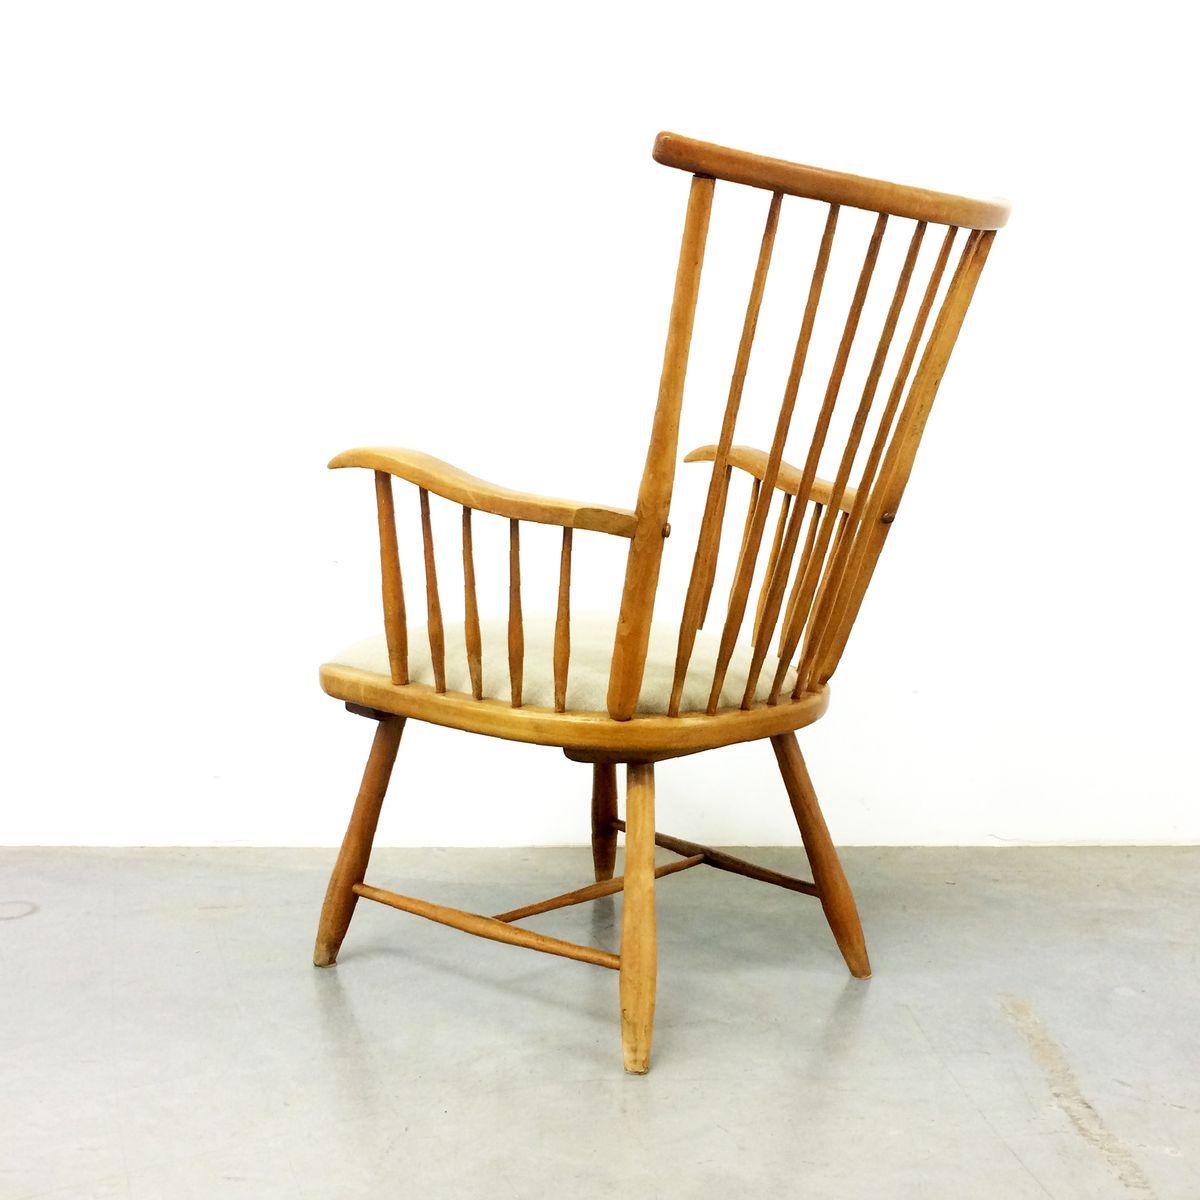 wk s7 armlehnstuhl von arno lambrecht f r wk m bel 1950er bei pamono kaufen. Black Bedroom Furniture Sets. Home Design Ideas